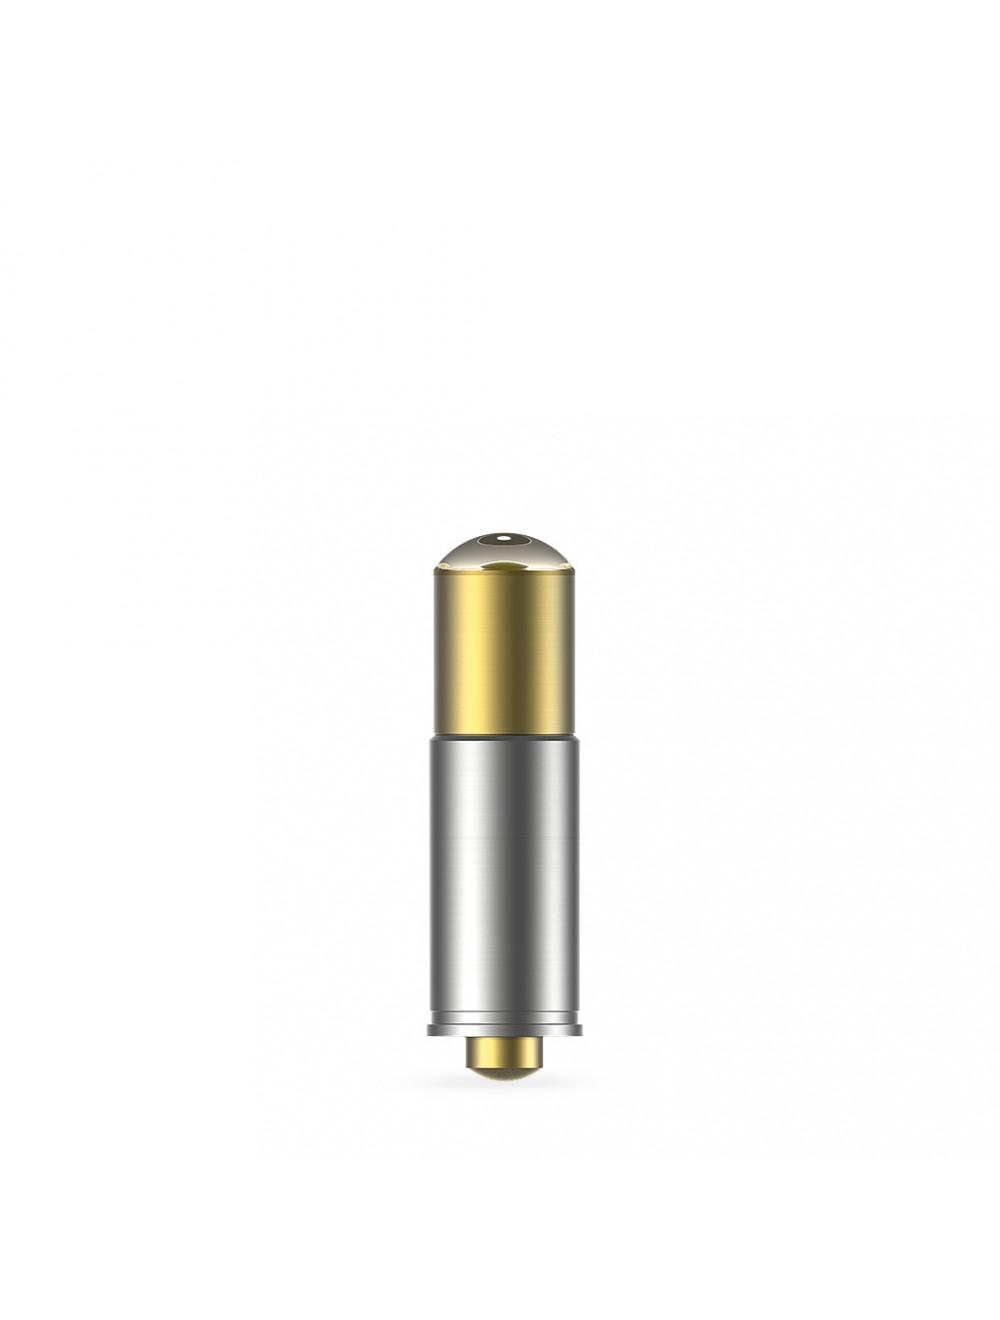 Das Produkt MK-dent LED Lampe BU8012WH aus dem Global-dent online shop.